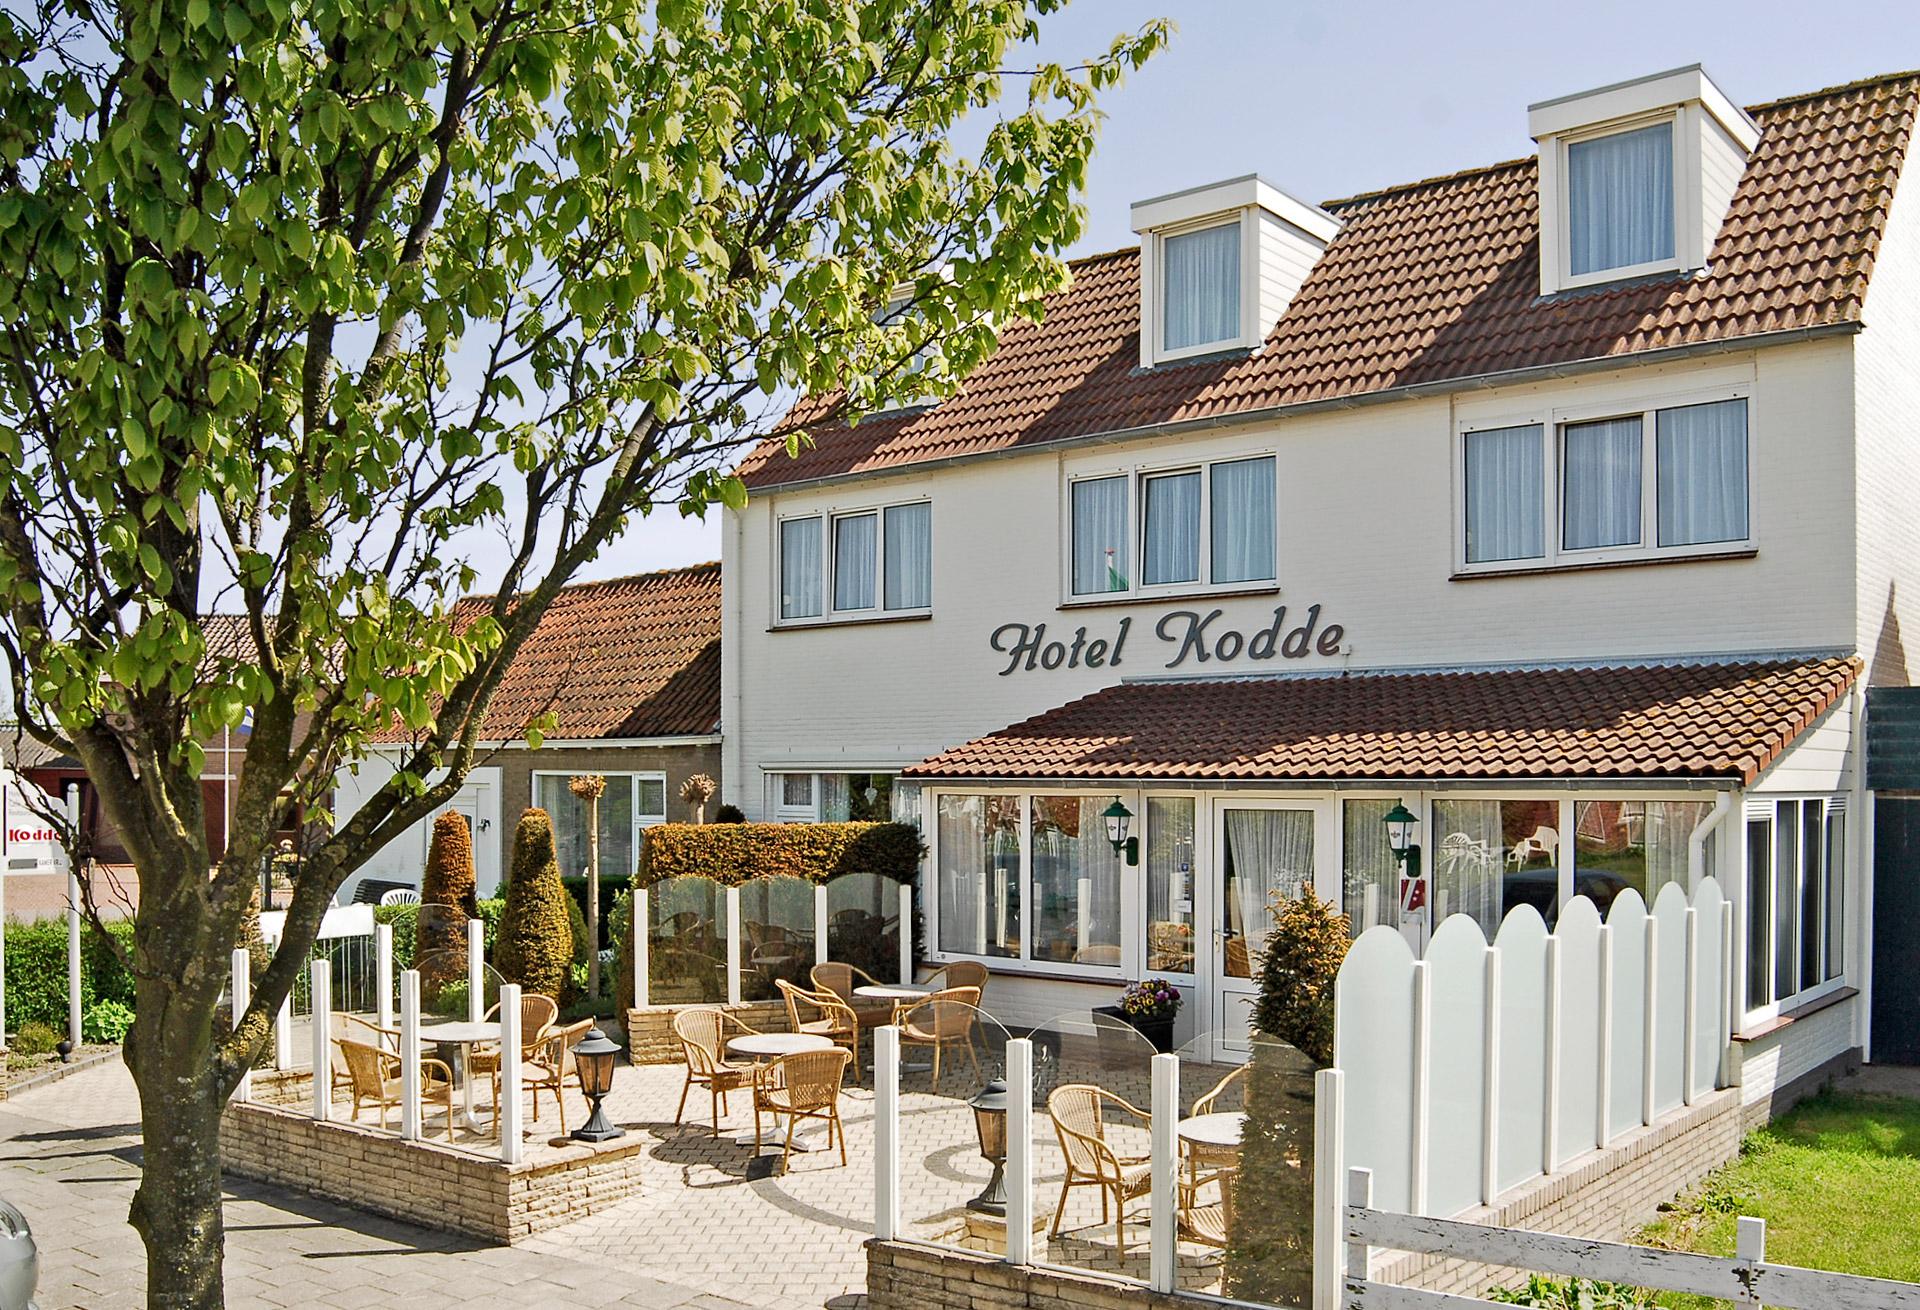 hotel-kodde-aagtekerke_JJM0944